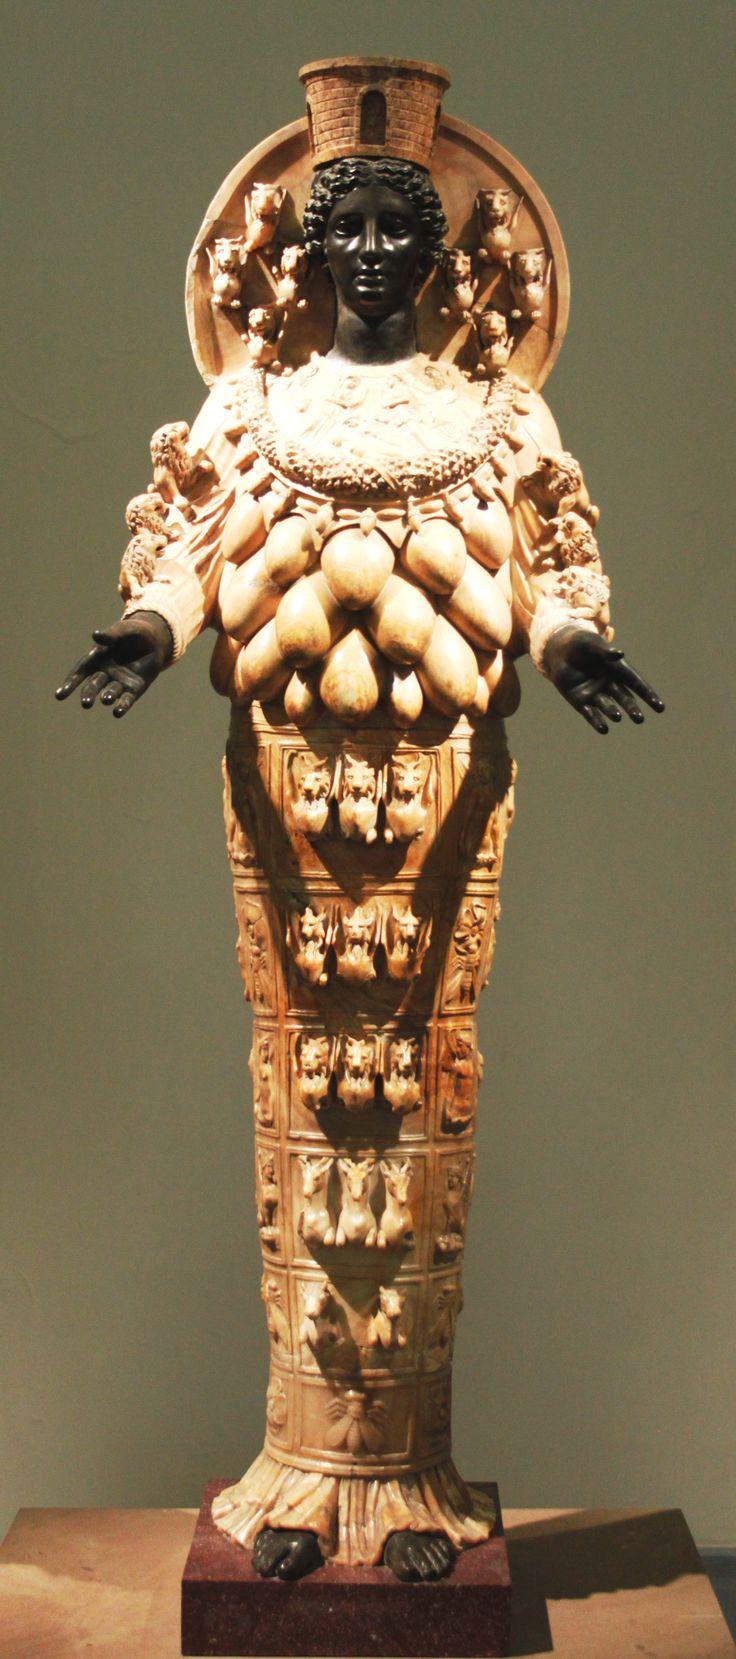 """Artemide Efesia risalente al II secolo d.C. La statua rappresenta l'immagine cultuale presente nel tempio di Artemide a Efeso. Originariamente l'immagine cultuale era in ebano, ricoperta di vesti preziose e gioielli. Le numerose """"mammelle"""" in verità stavano a simboleggiare i tori sacrificati alla dea. È conservata presso il Museo archeologico nazionale di Napoli."""